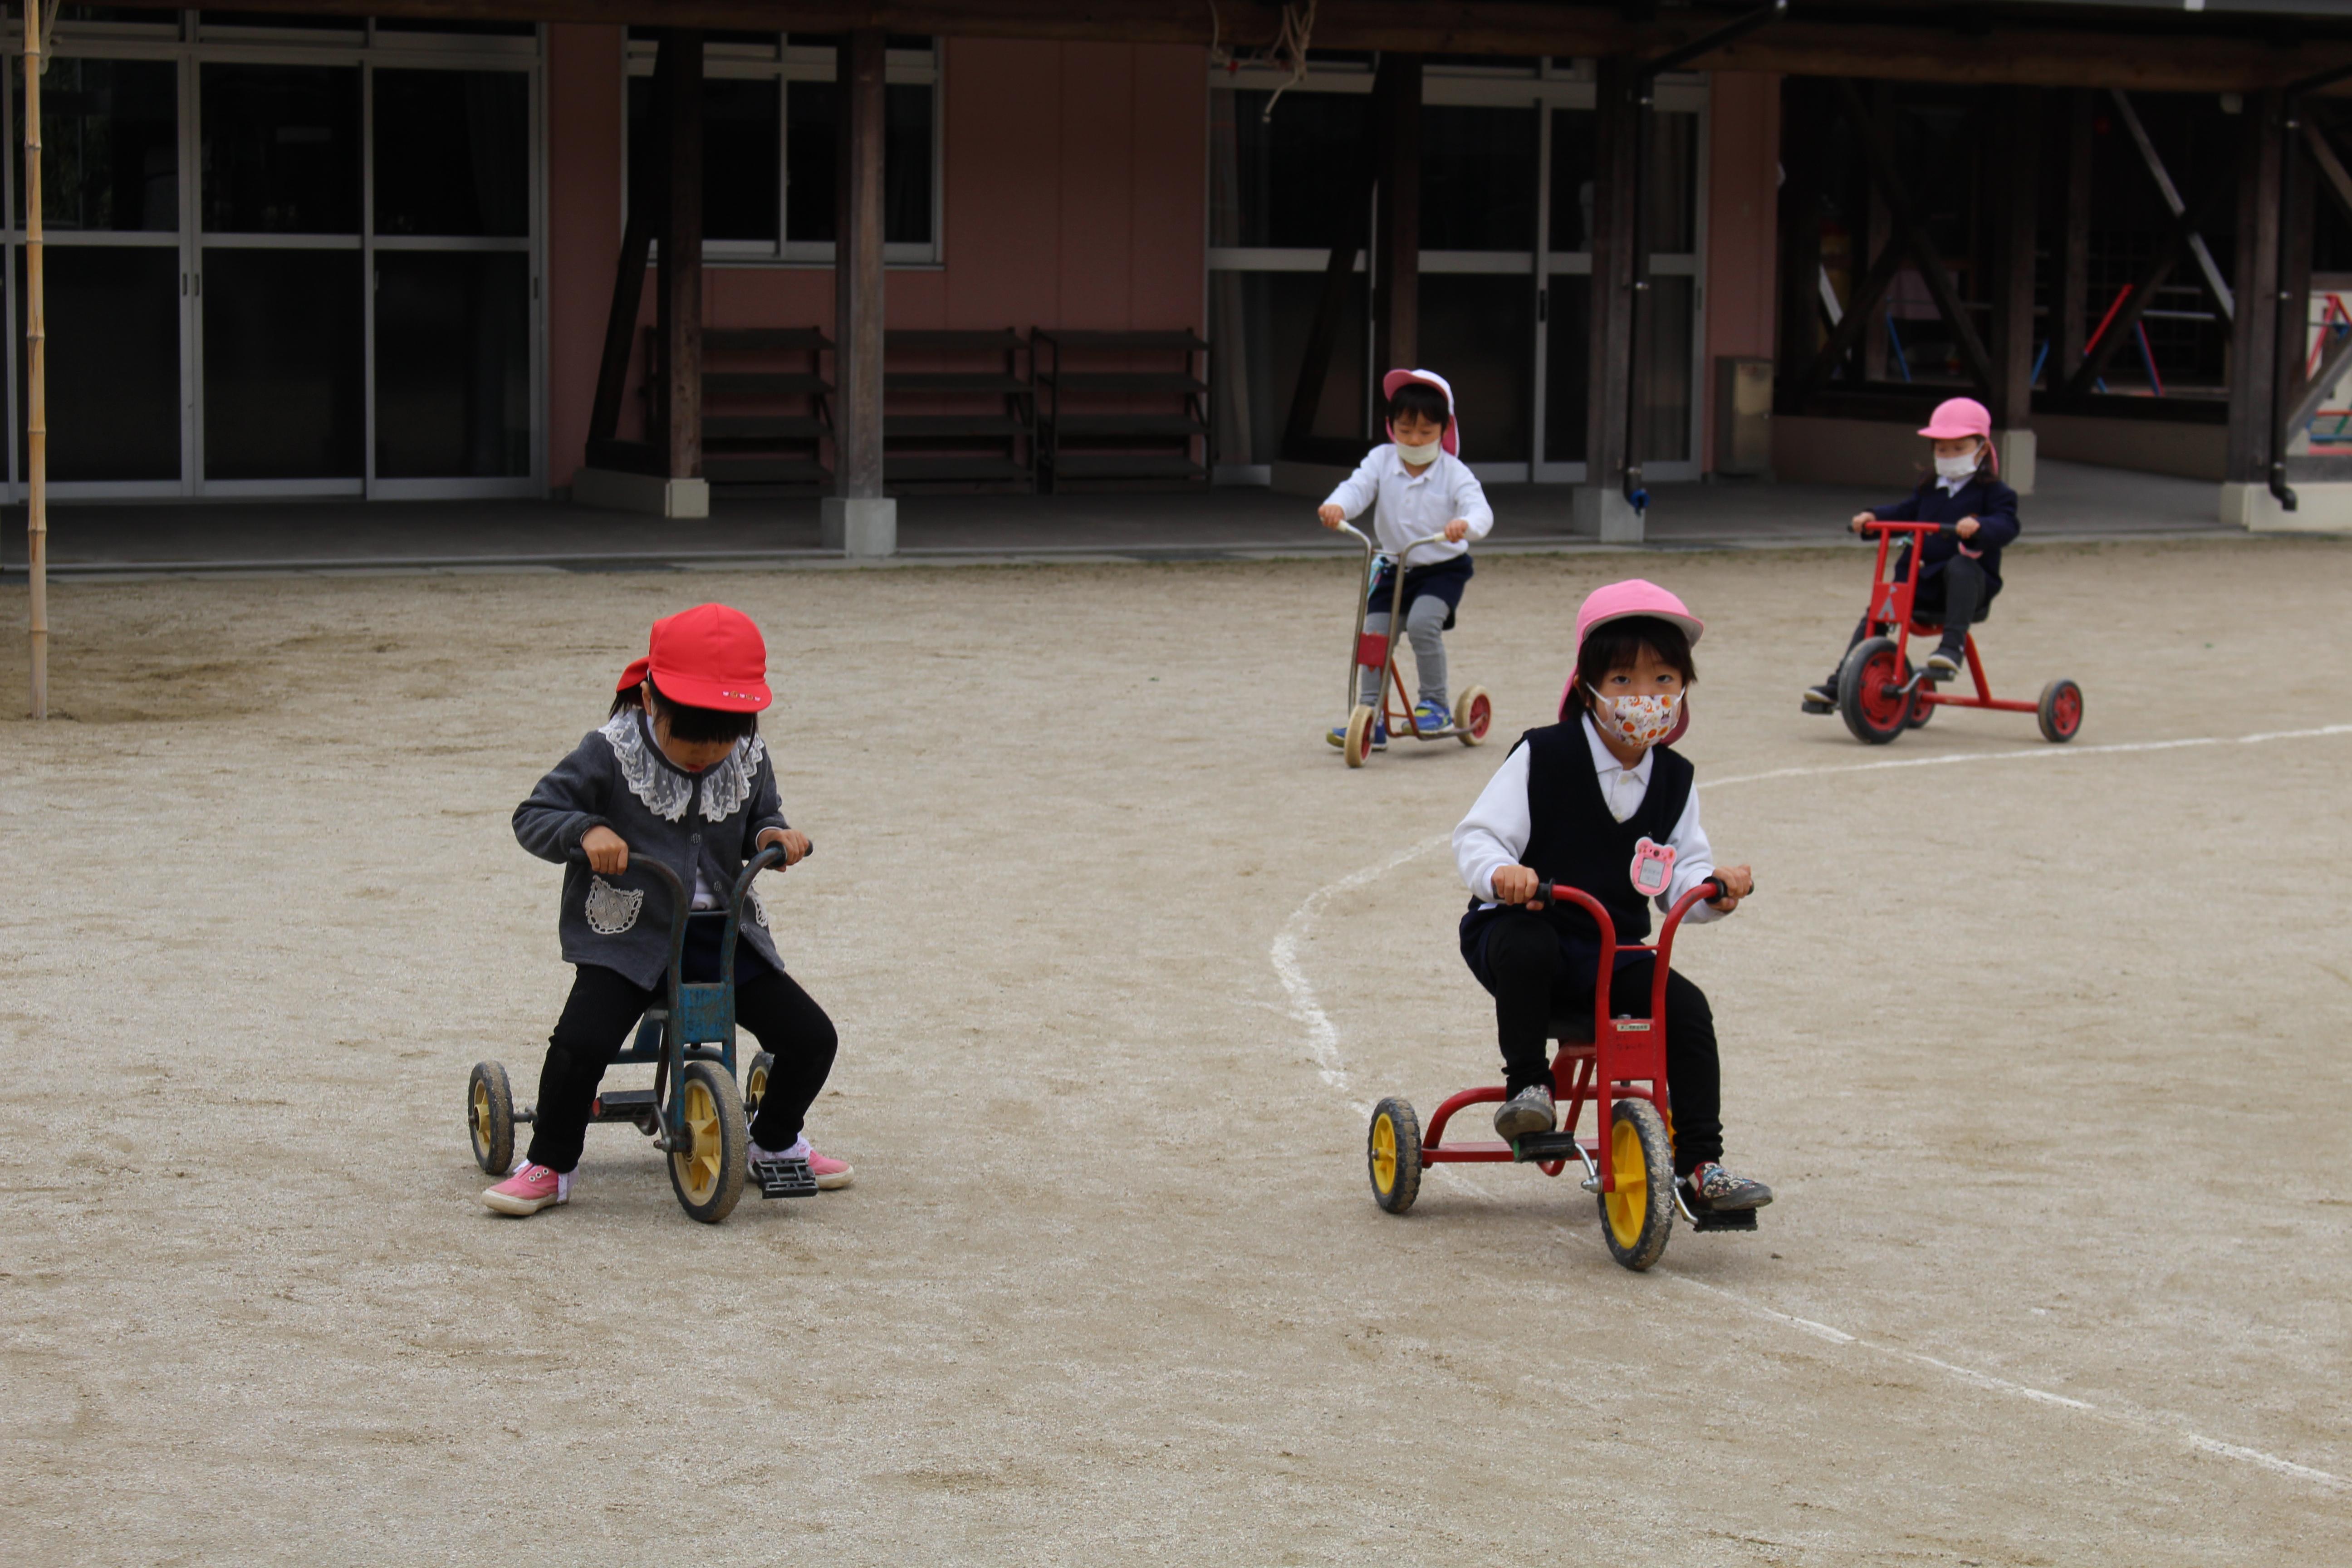 ◇年少◇三輪車、スクーターで遊んだよ!:画像3